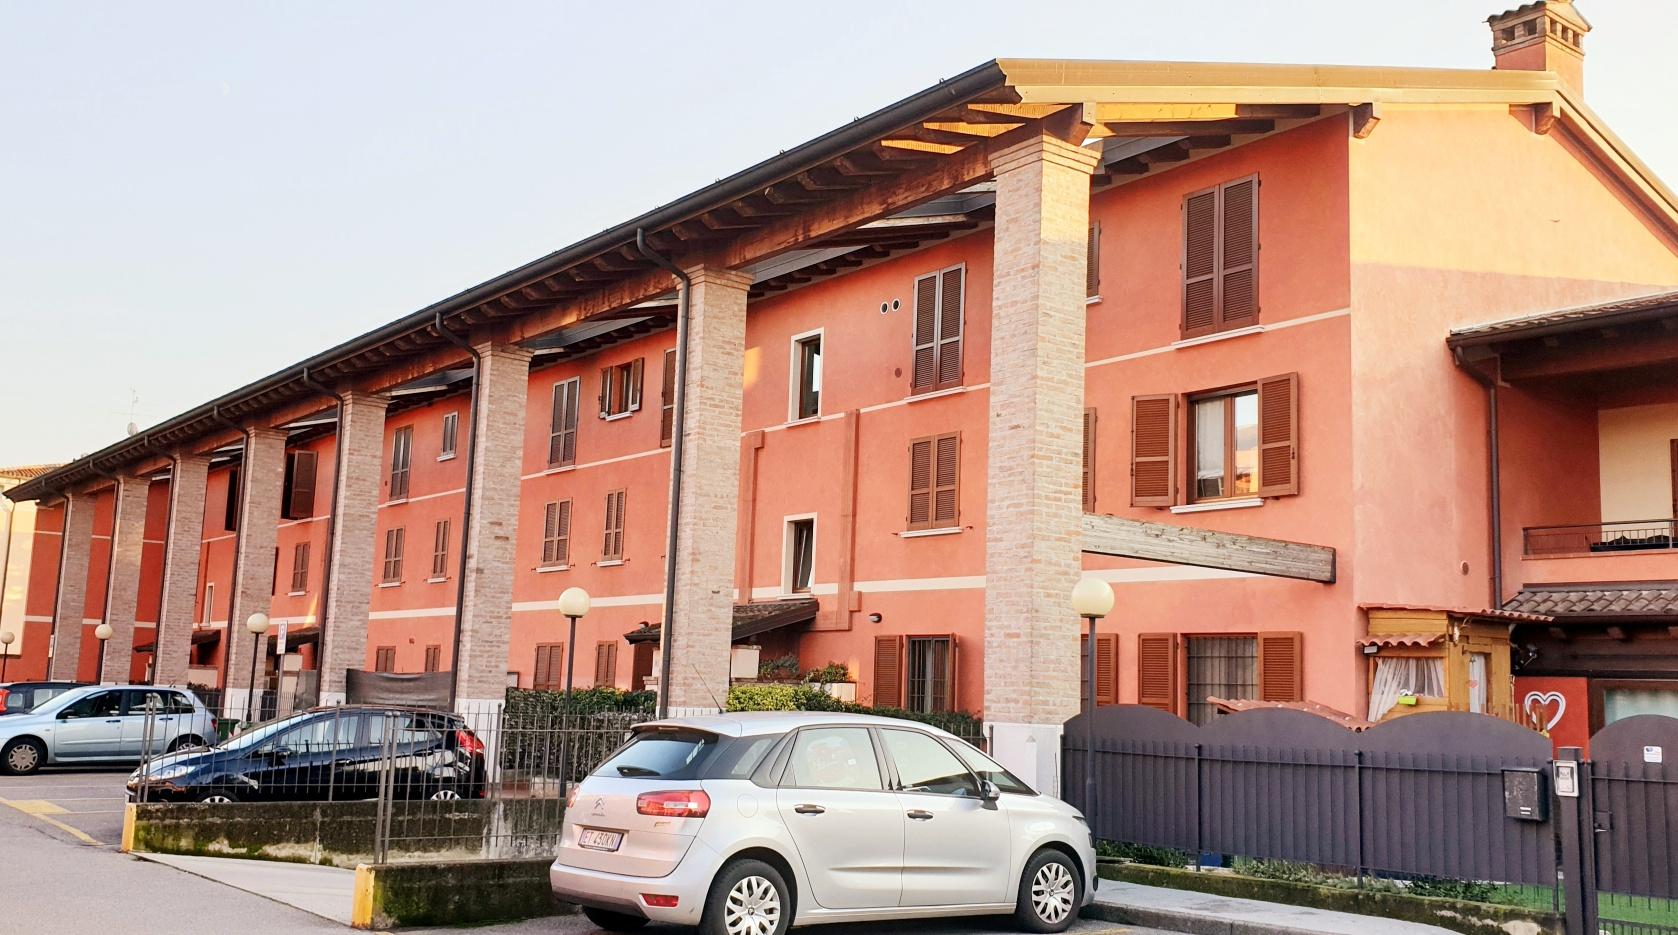 Appartamento in vendita a Torbole Casaglia, 2 locali, prezzo € 77.000 | PortaleAgenzieImmobiliari.it